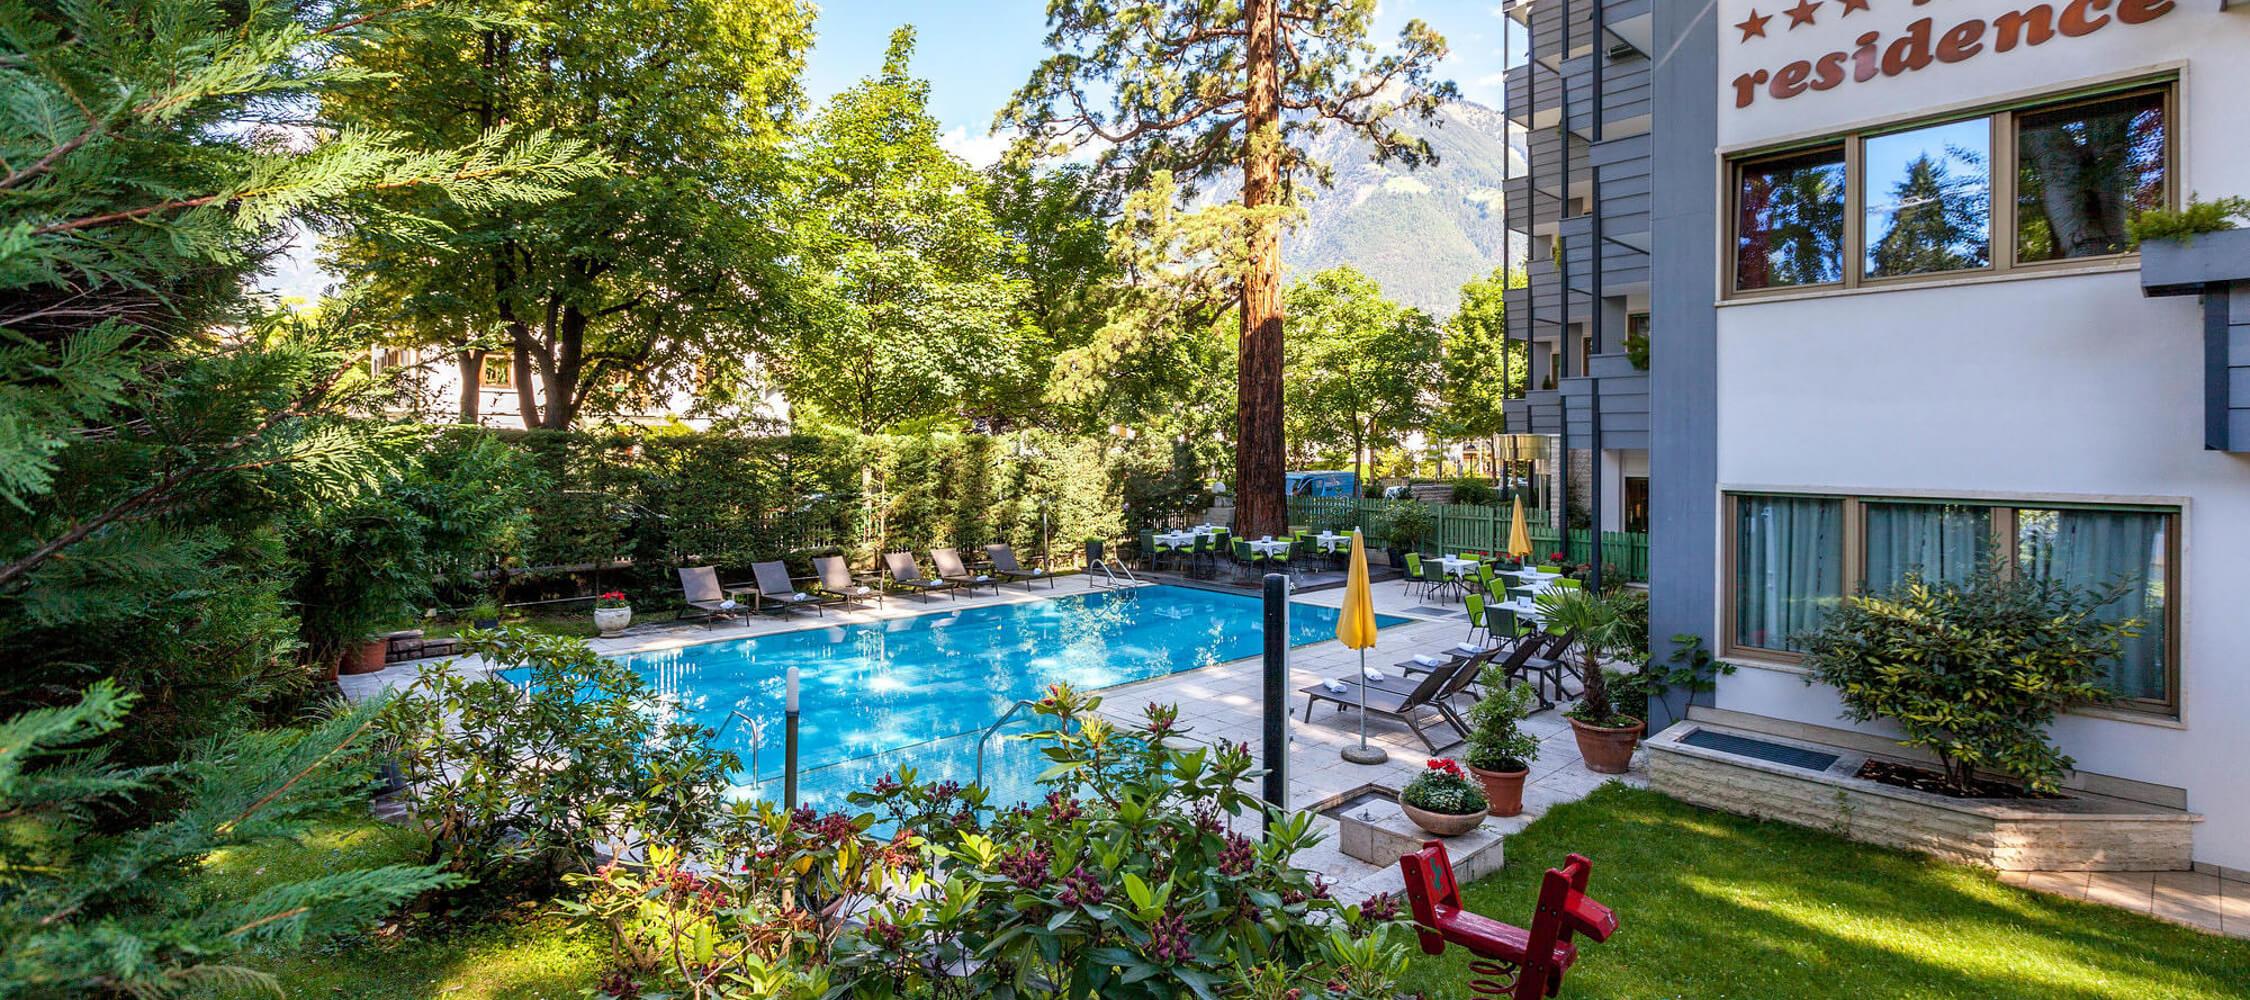 Hotel_Flora_Merano_Wellness_Garten_Freischwimmbad_Oyster_Marco_Pompeo_16968160_2250x1000